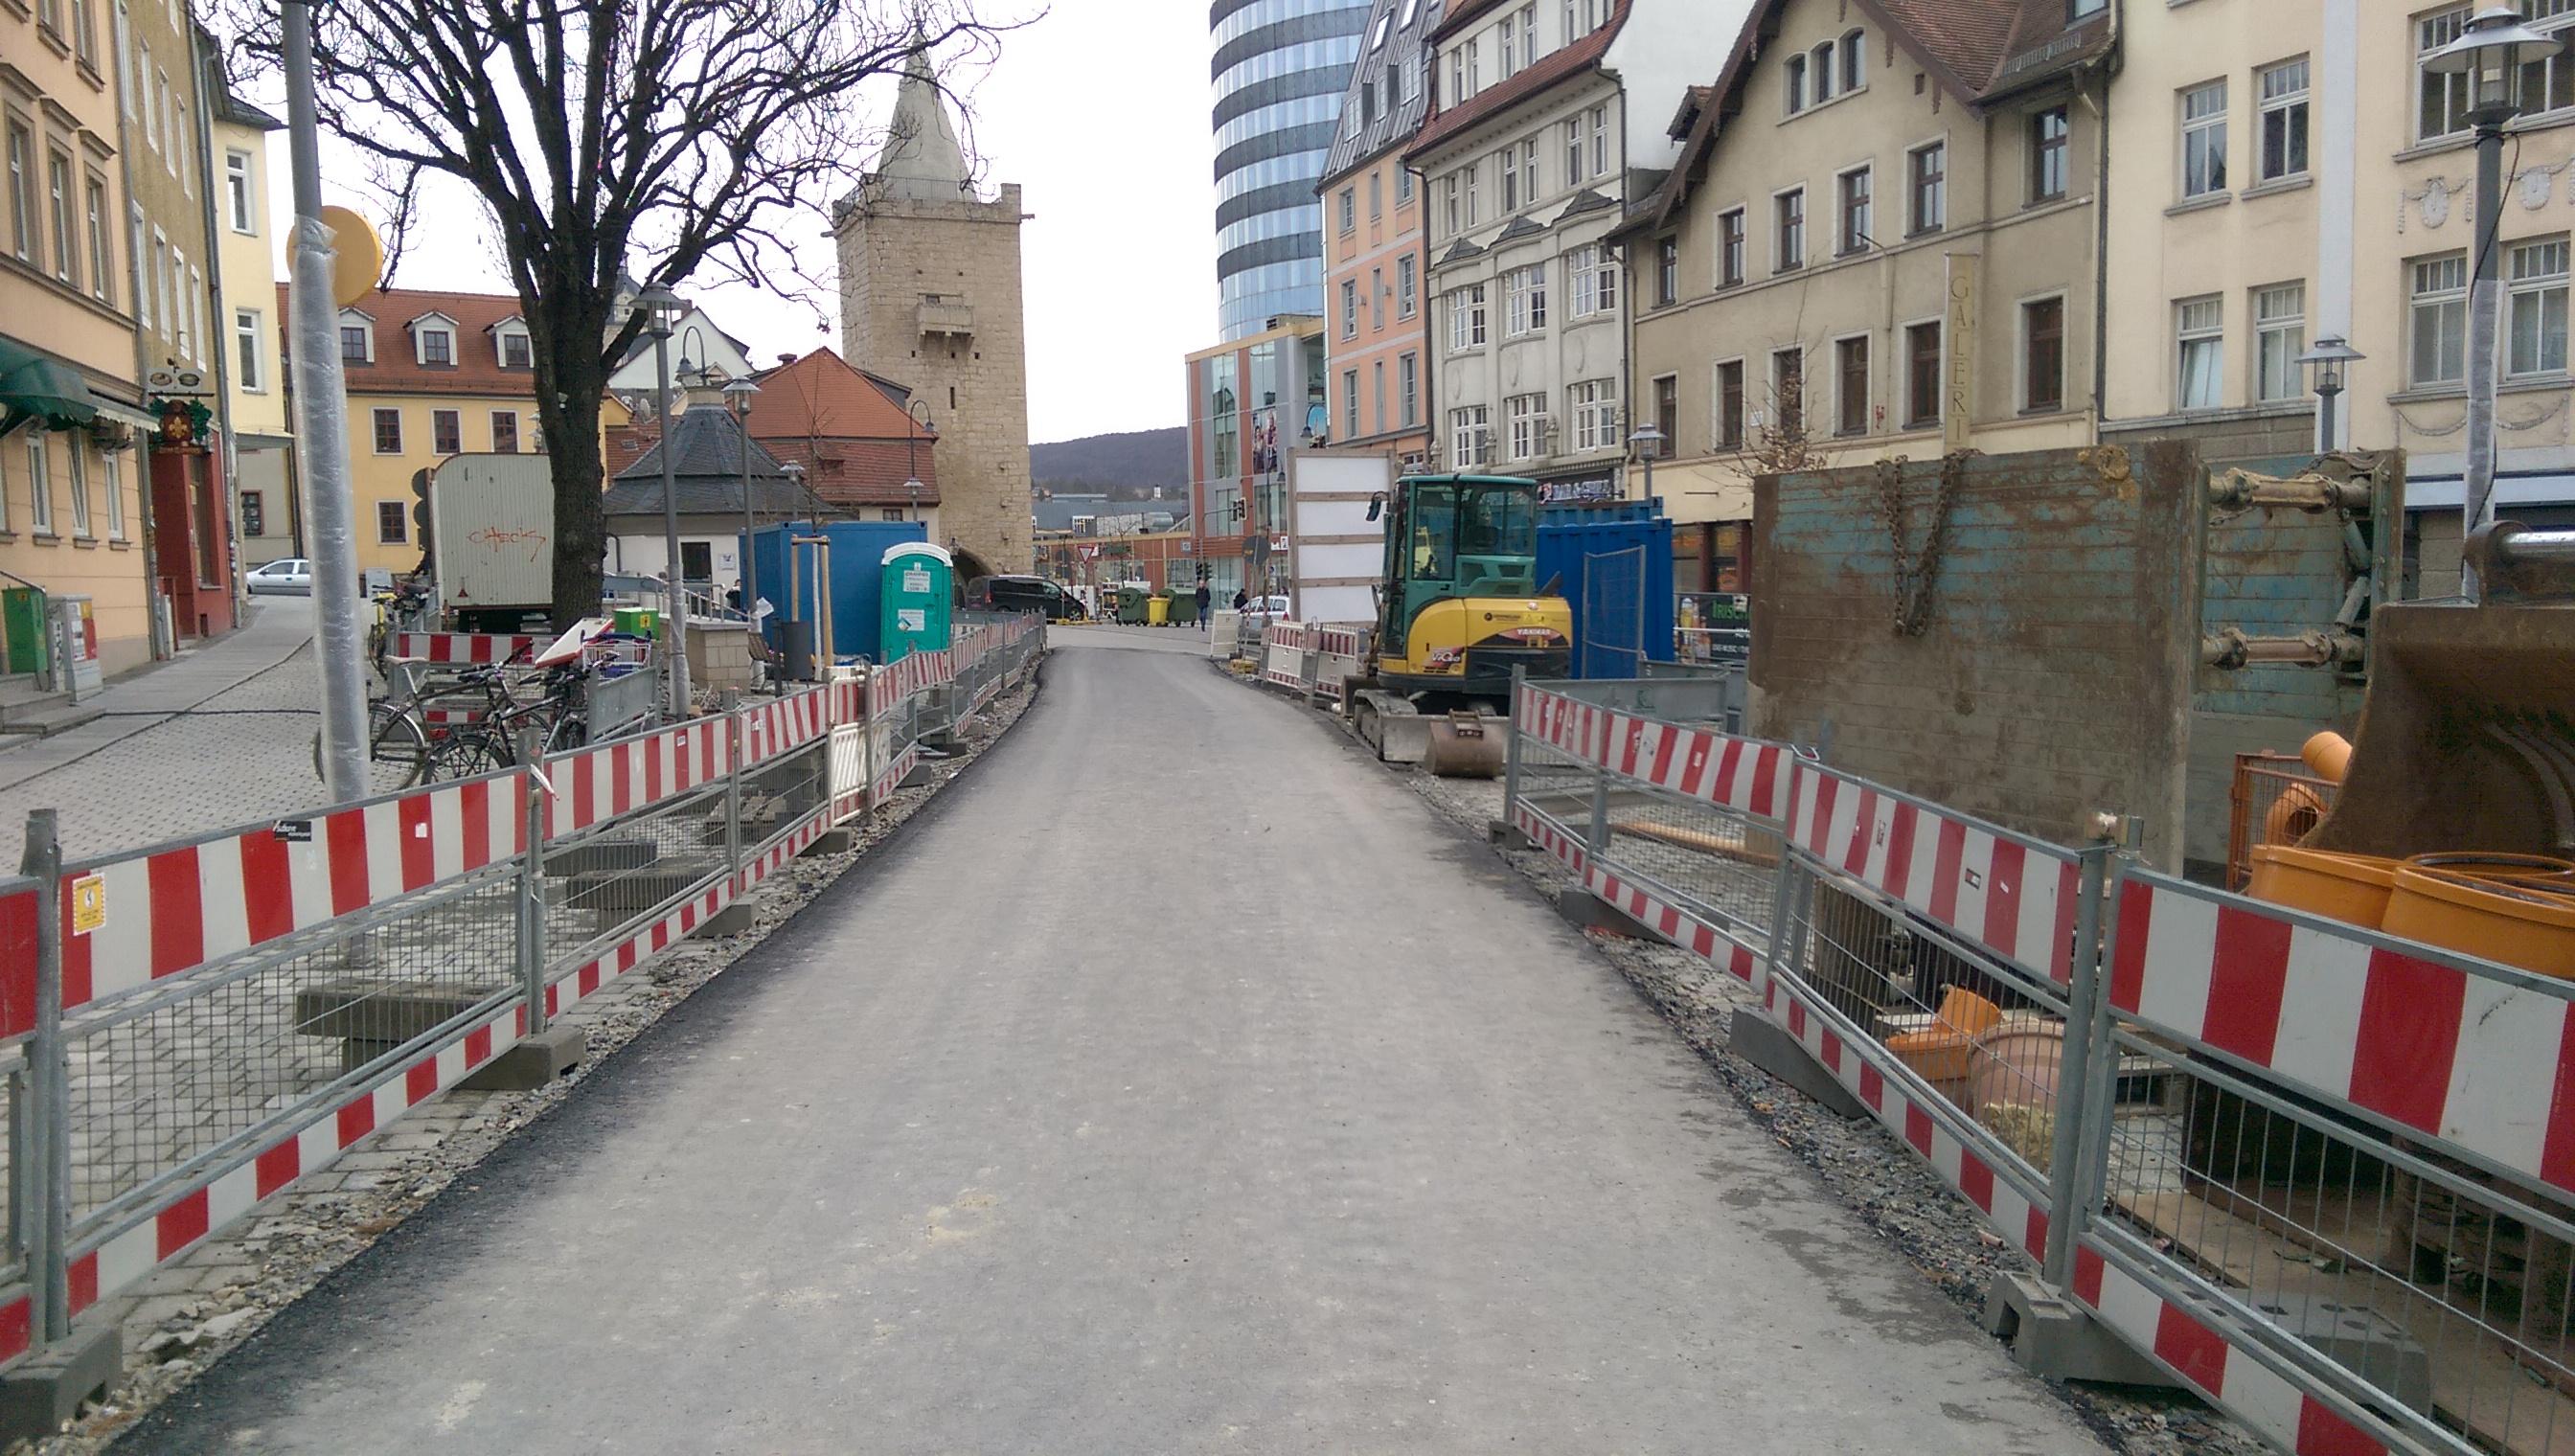 Wagnergasse/Johannisplatz, Blick Richtung Turm, in der Mitte asphaltierte Behelfsstraße, rechts und links Absperrungen